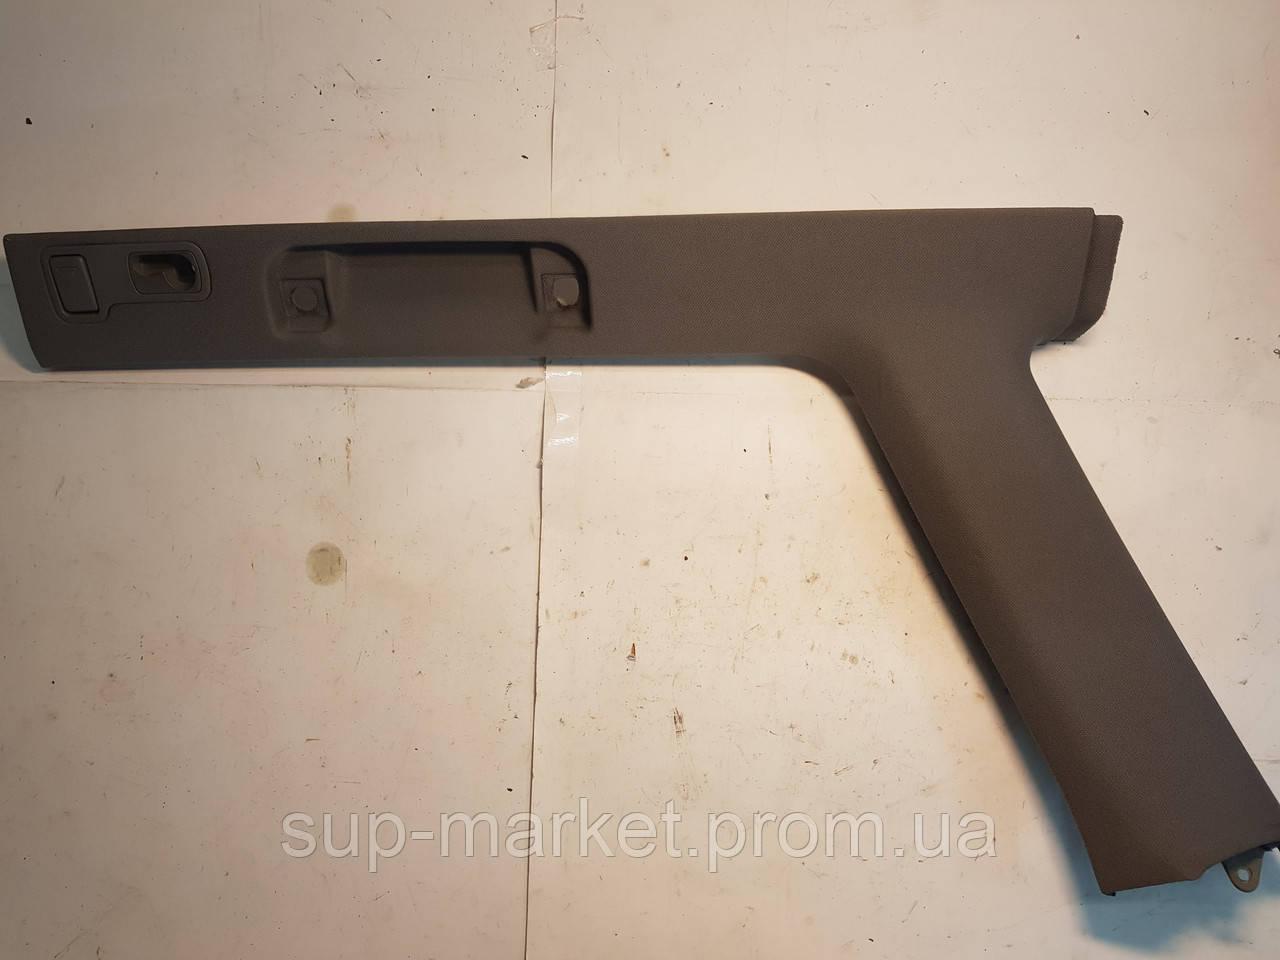 4B9867296H Правая задняя внутренняя обшивка стойки с ручкой ухвата для VAG A6 C5 2.5TDI 1997-2004